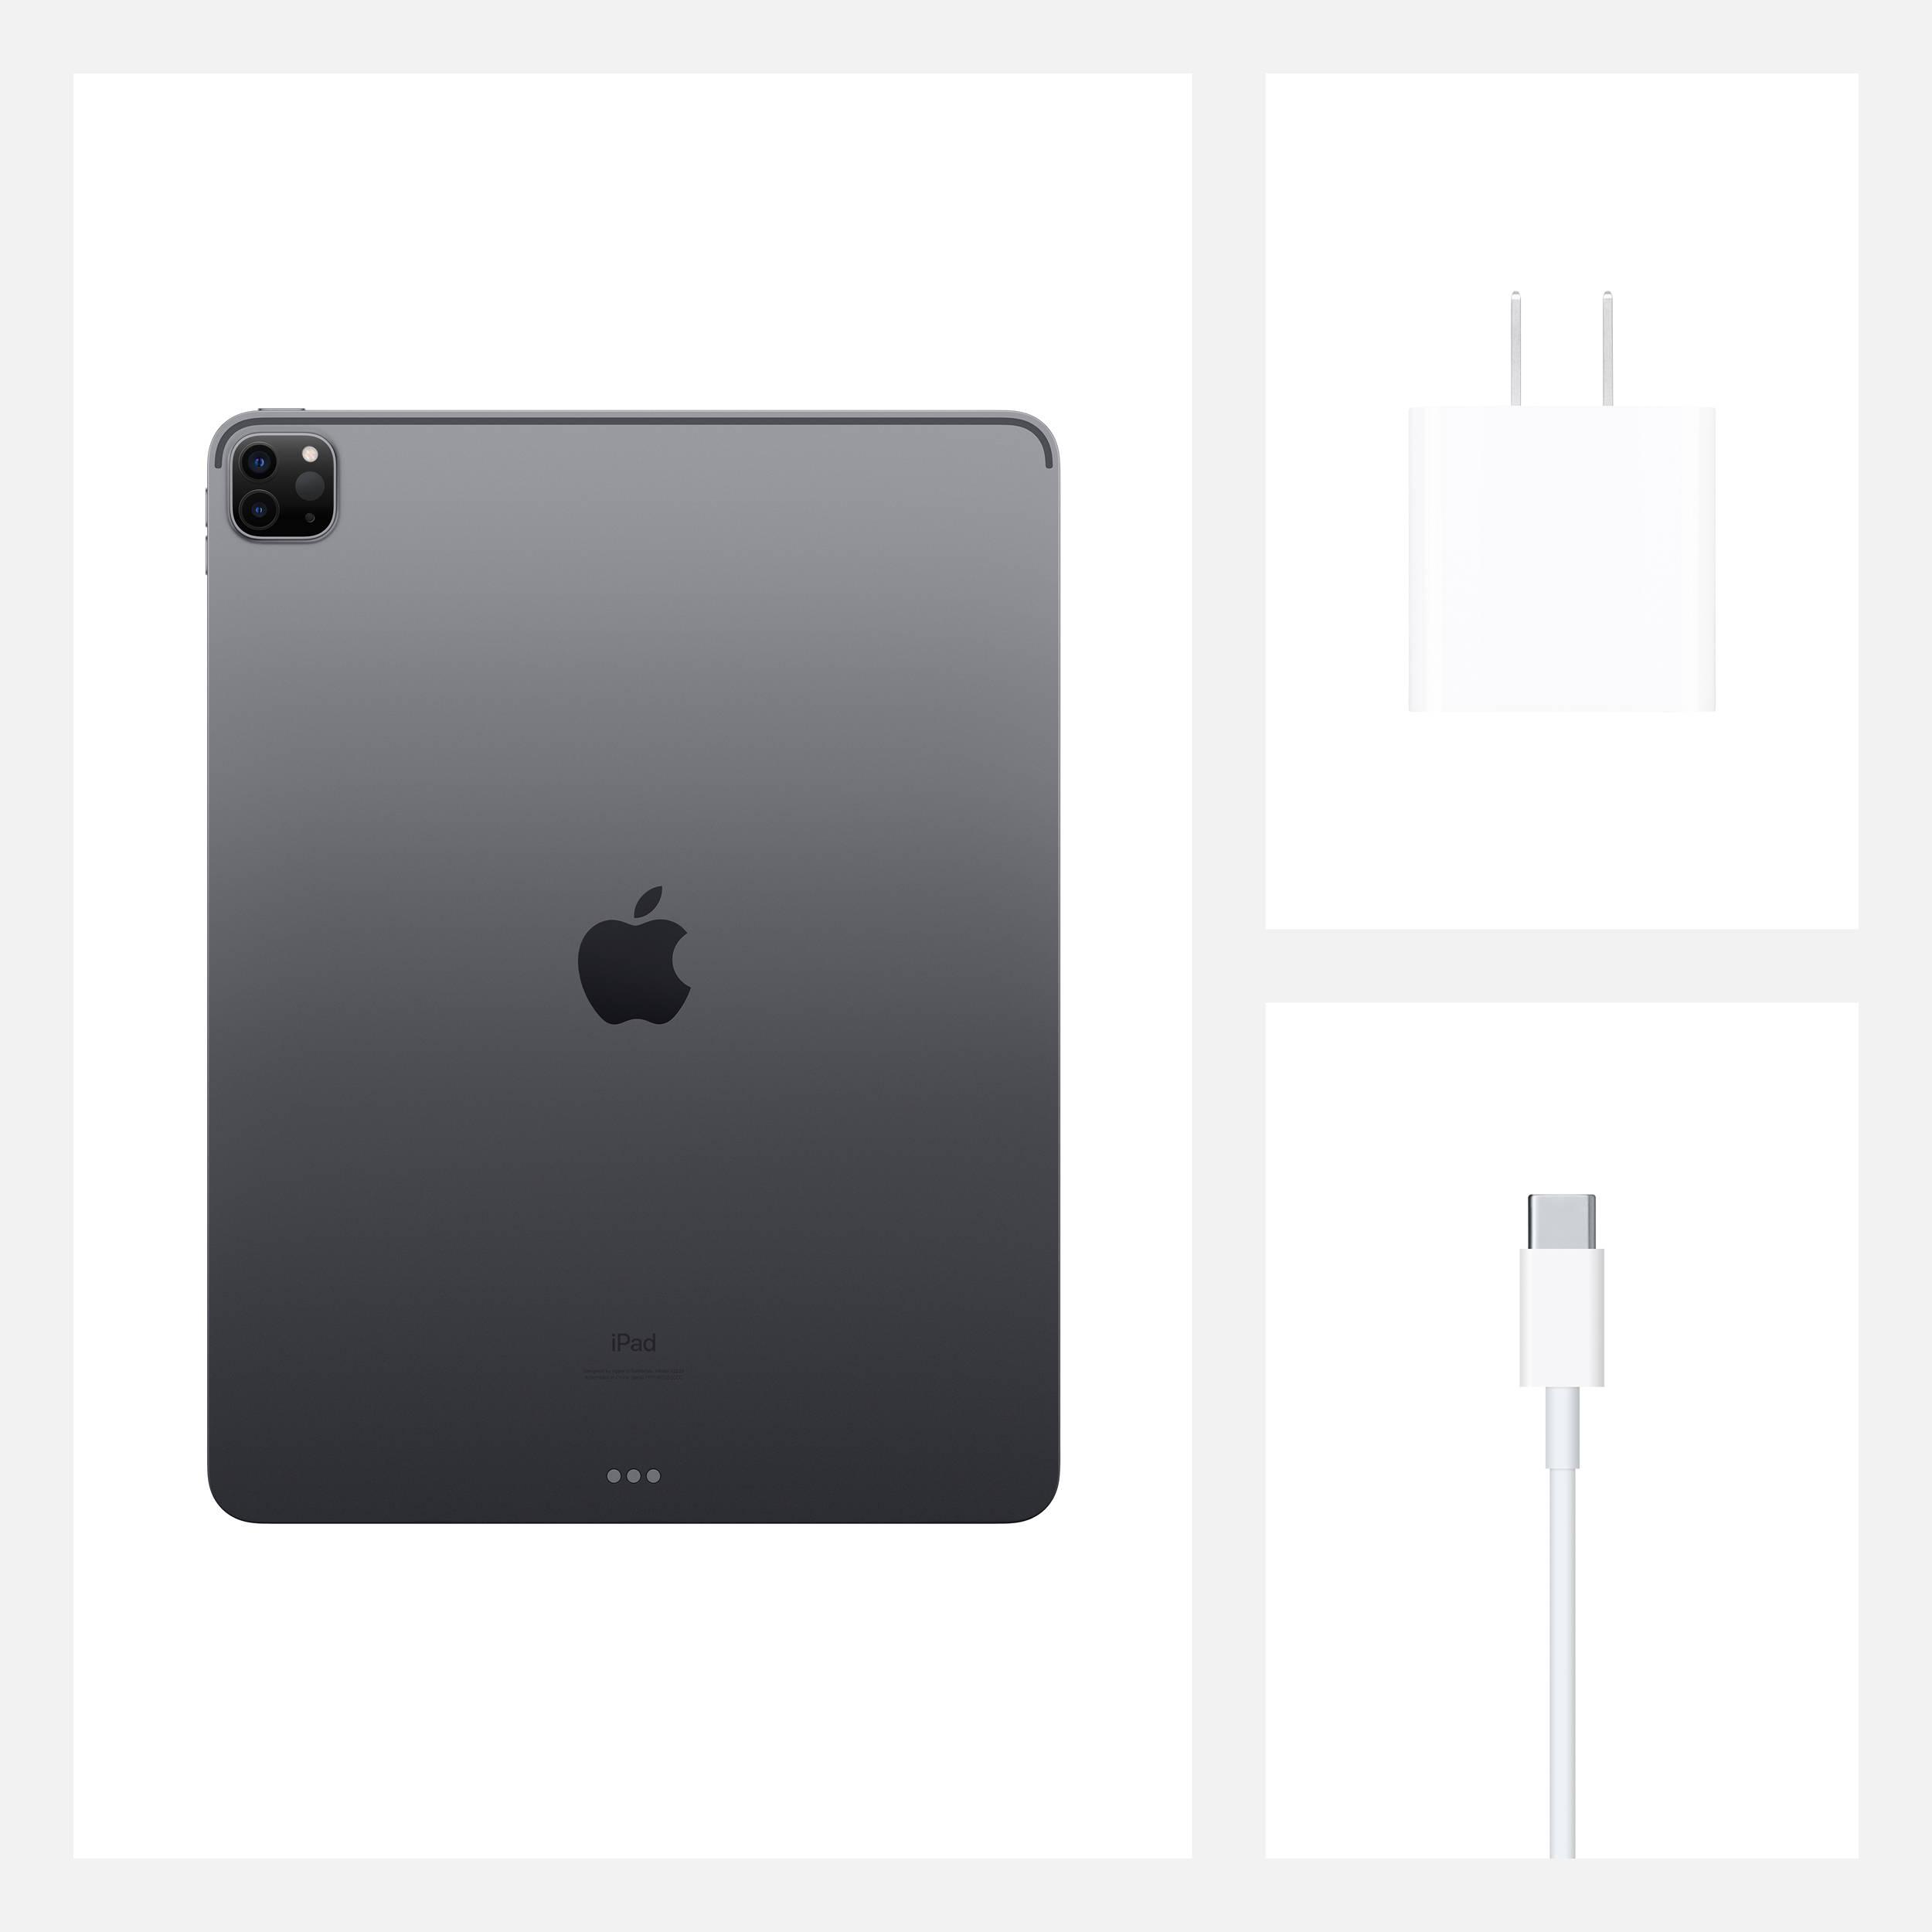 تبلت اپل مدل iPad Pro 2020 12.9 inch WiFi ظرفیت 128 گیگابایت  main 1 5